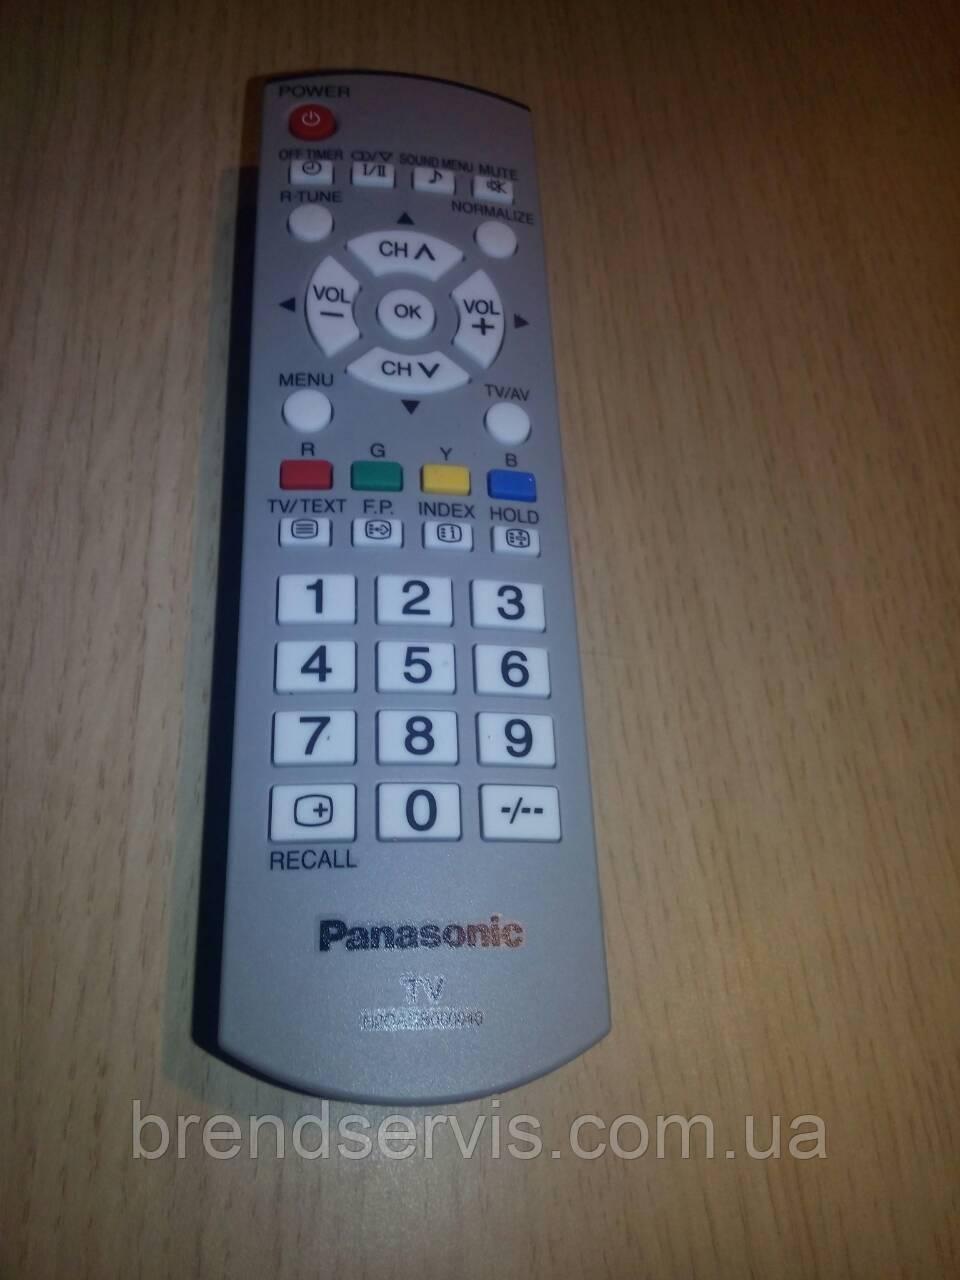 Пульт управления для телевизора Panasonic